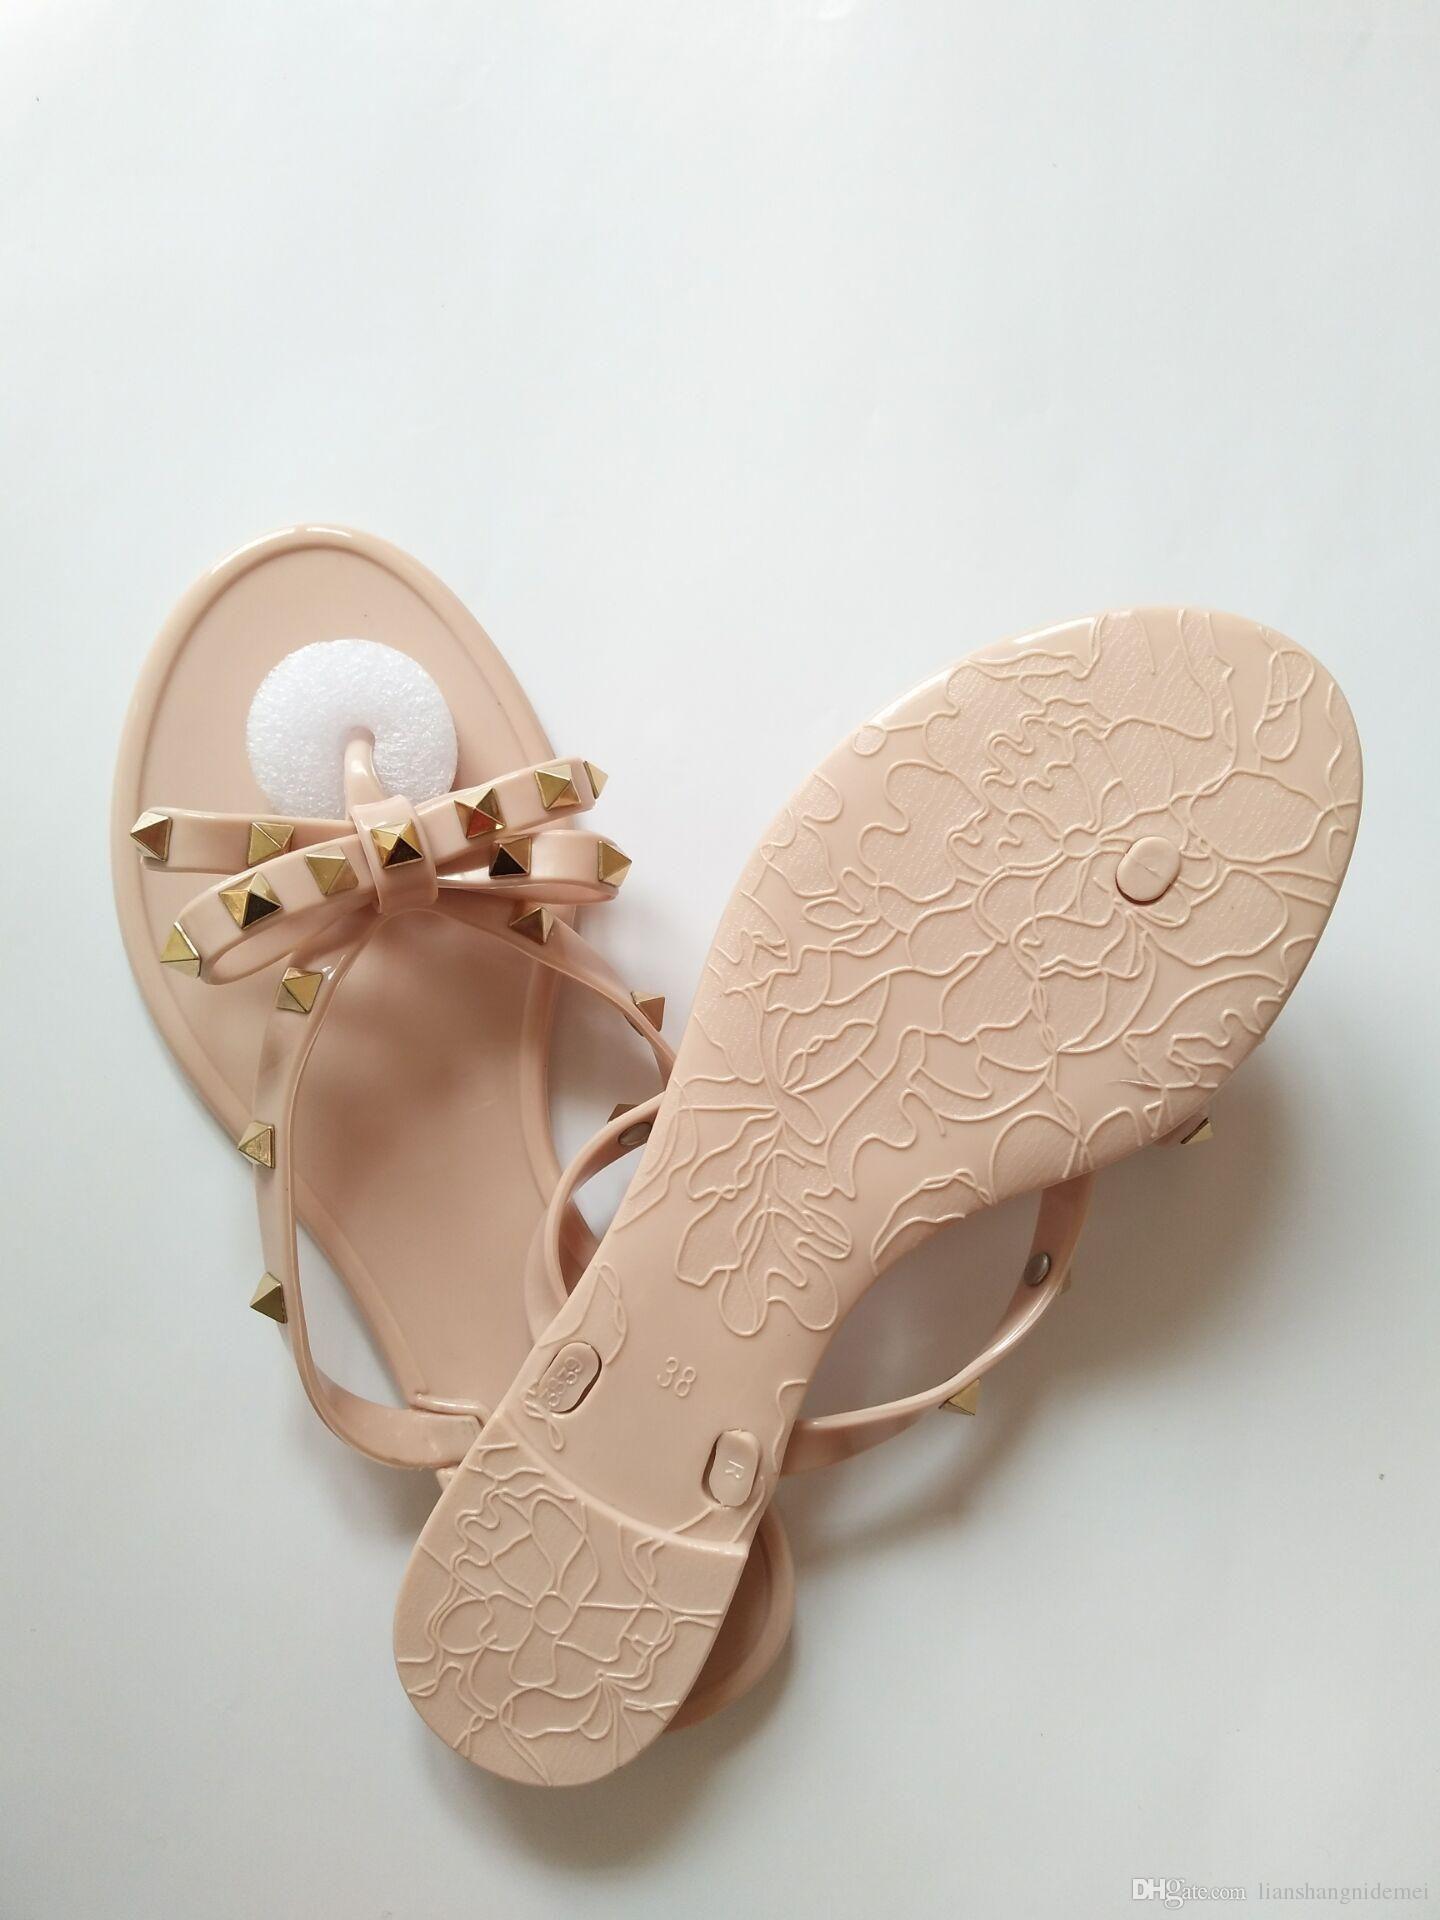 Новый 2018 Женщина летние сандалии заклепки большой бантом вьетнамки пляж сандалии Femininas плоский желе дизайнер сандалии